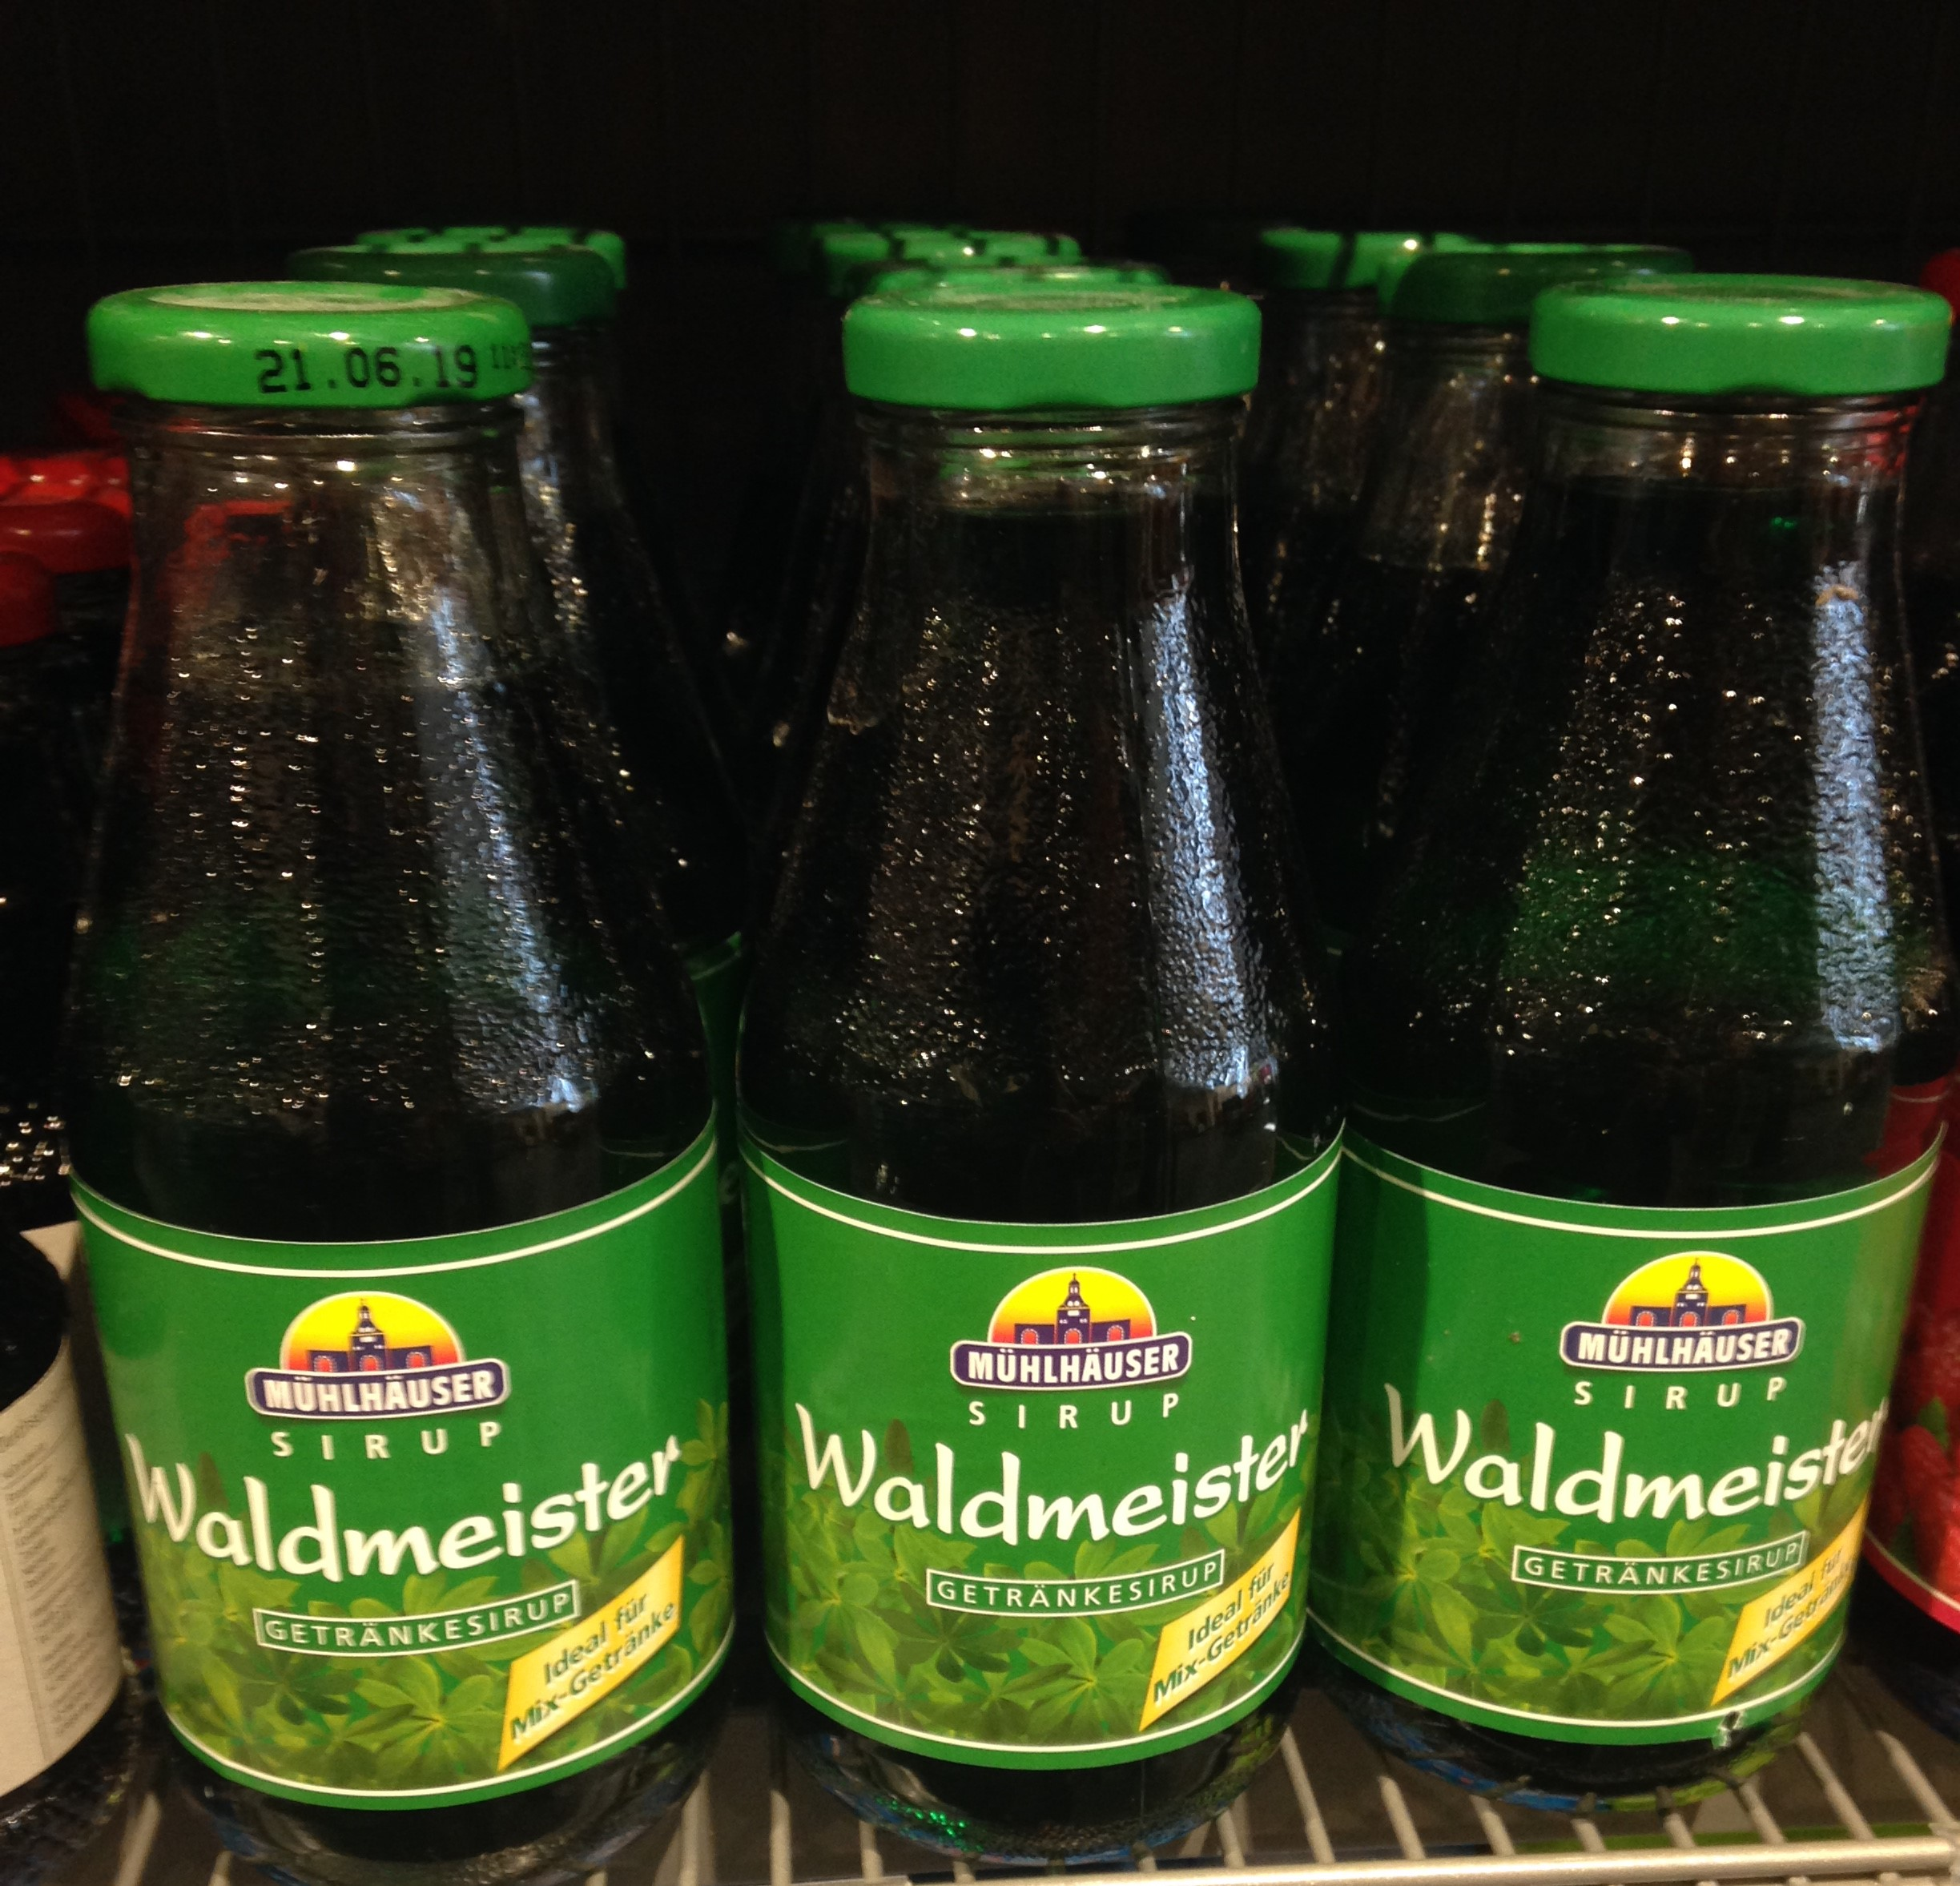 Waldmeister.jpg